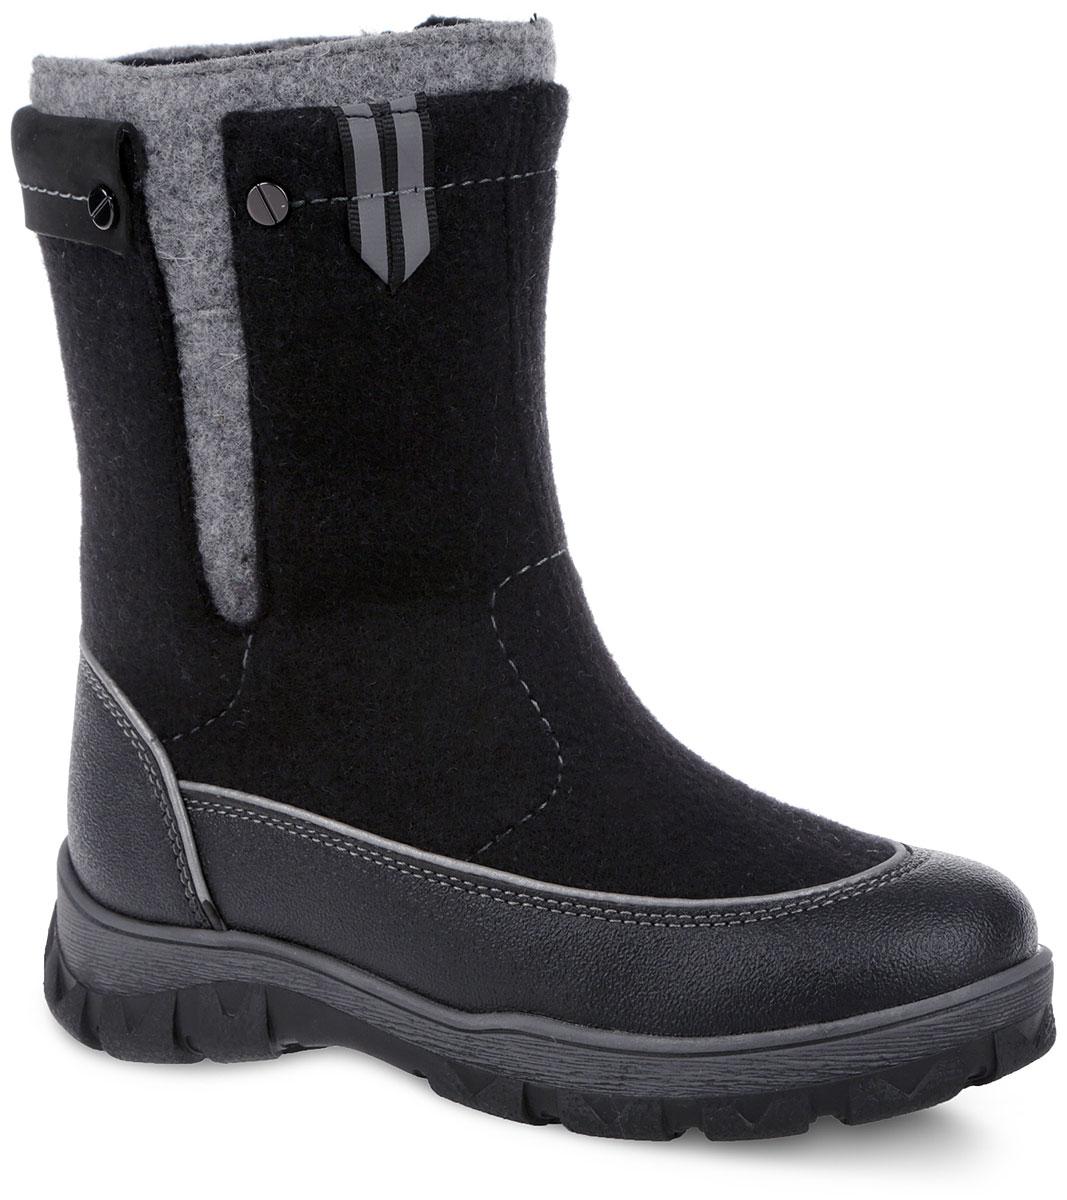 Валенки для мальчика. 6-6125515016-612551501Модные и невероятно теплые валенки от Elegami согреют ножки вашего мальчика в лютые морозы! Модель выполнена из войлока и оформлена контрастной прострочкой. Застежка-молния, расположенная сбоку, позволяет регулировать объем голенища и защищает обувь от попадания снега. Светоотражающие элементы отвечают за дополнительную безопасность в темное время суток. Специальные накладки вдоль подошвы обеспечивают непромокаемость и защиту от истирания. Подкладка и стелька из шерстяной байки создают надежную теплозащиту. Морозостойкая подошва с антифрикционными свойствами гарантирует идеальное сцепление на любой поверхности. Удобные и теплые валенки - необходимая вещь в гардеробе каждого ребенка.